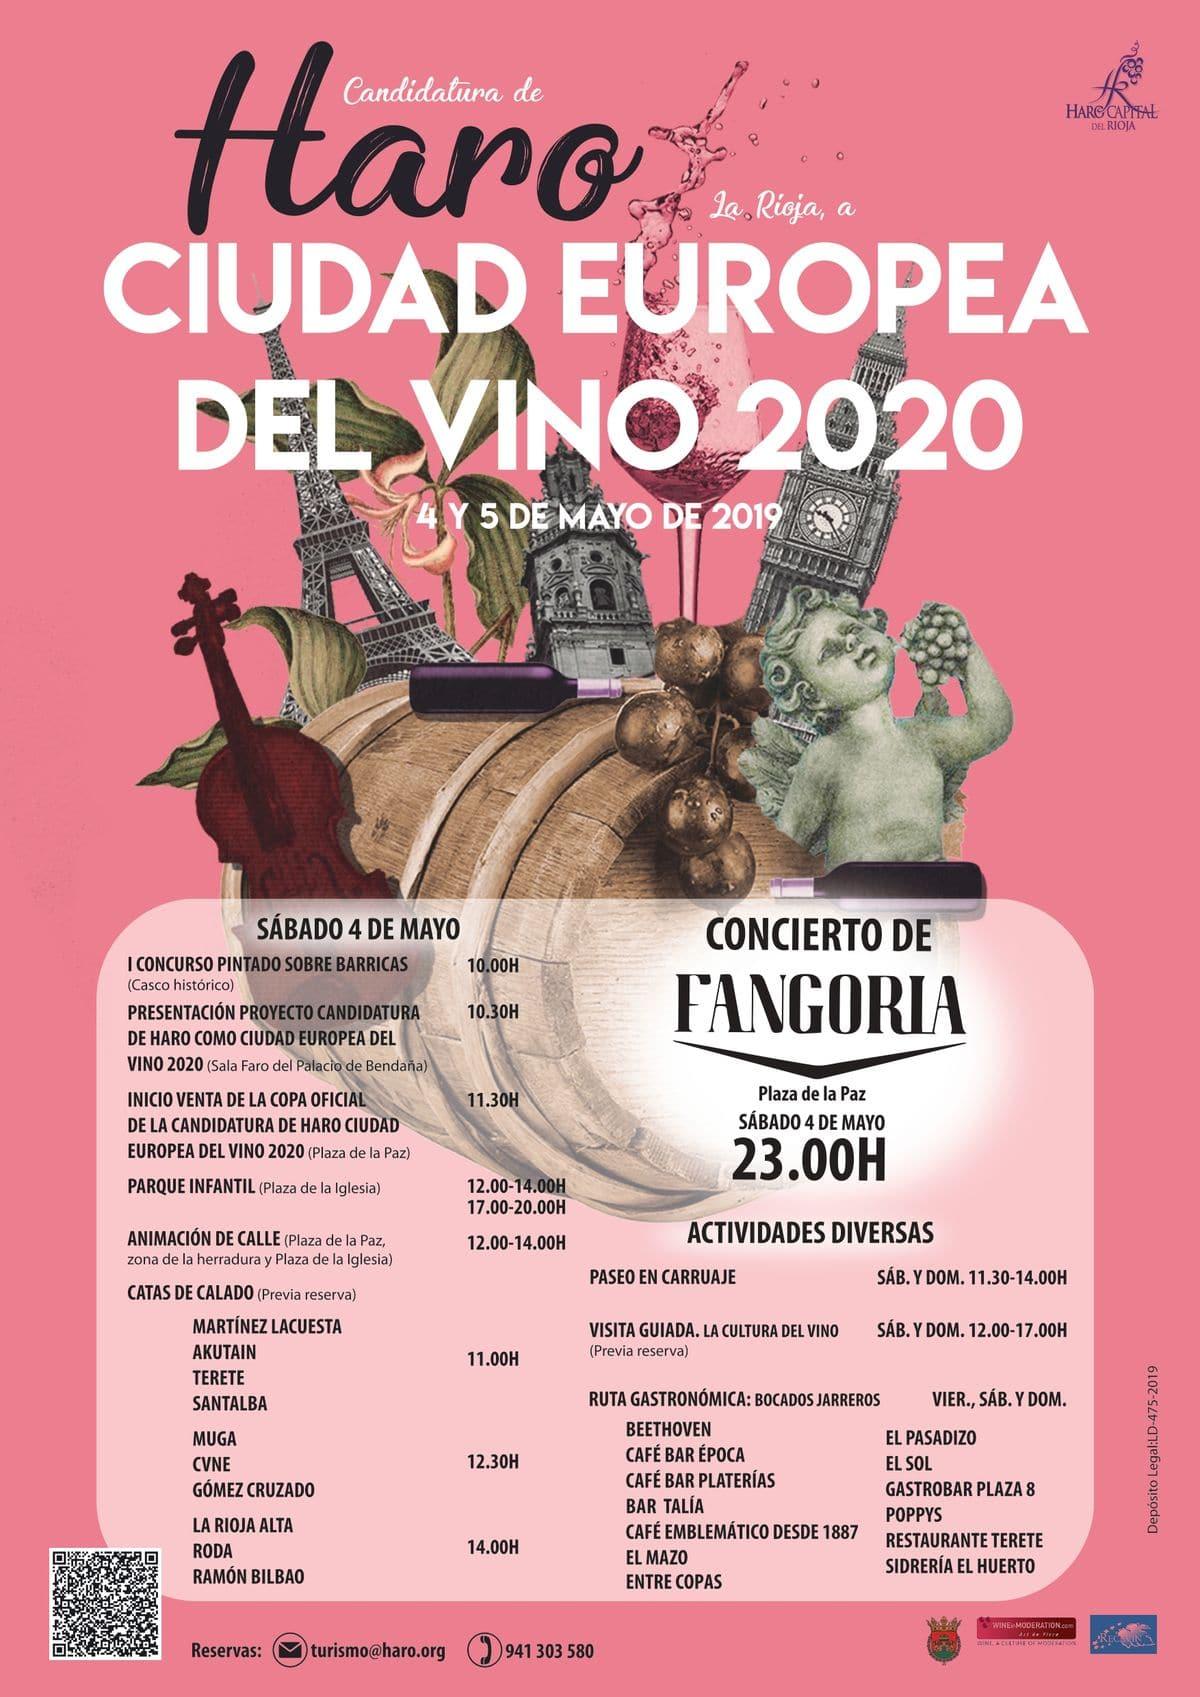 El programa de actividades para presentar la candidatura de Haro a Ciudad Europea del Vino 2